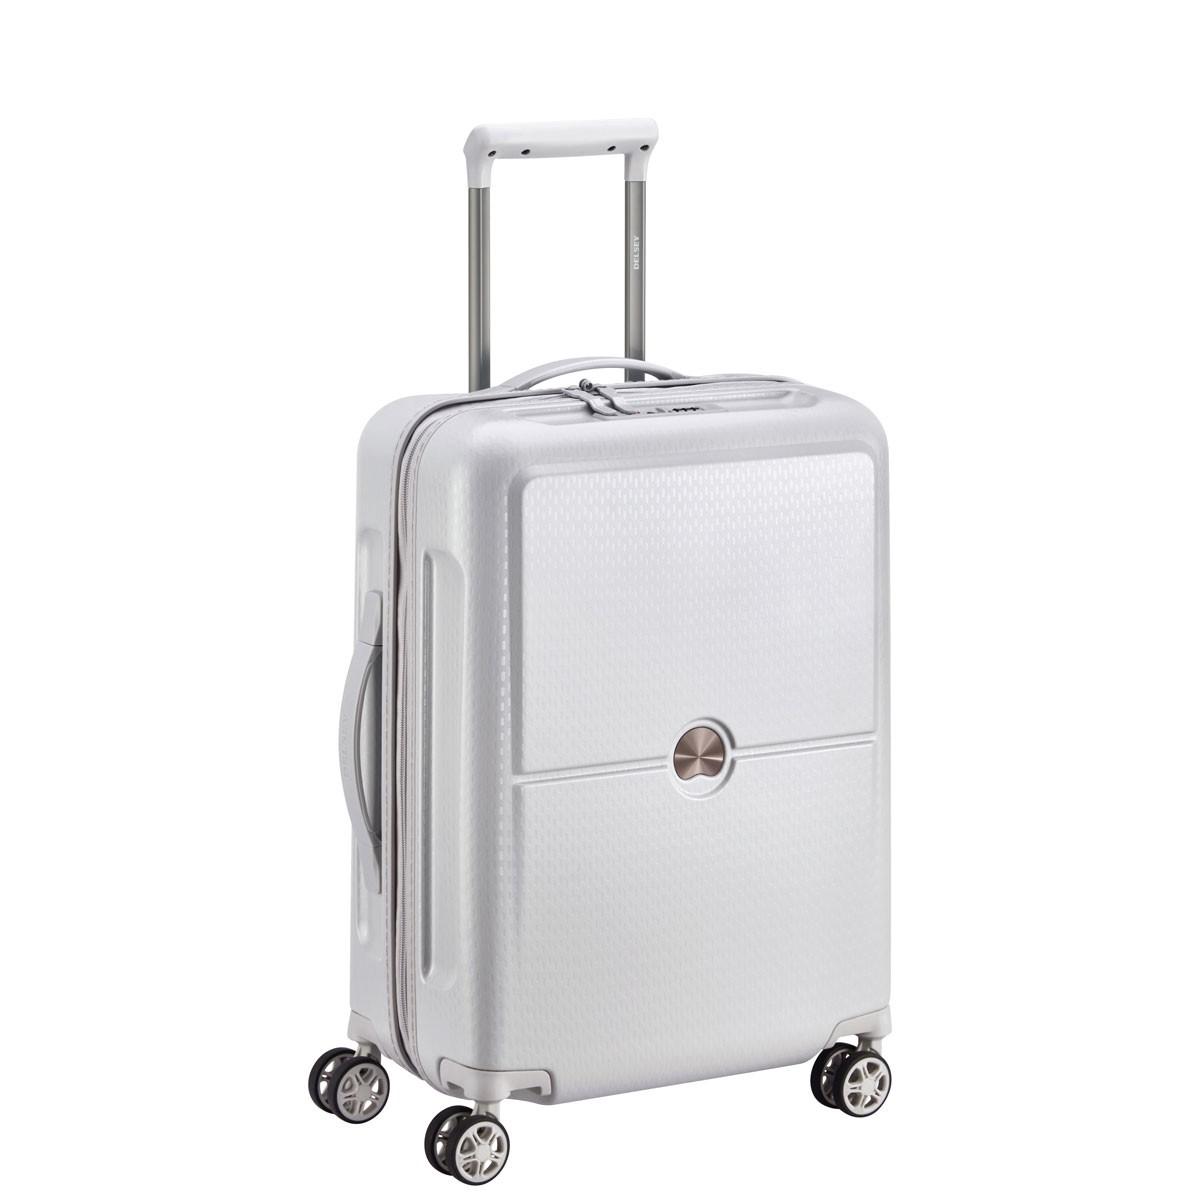 4d279aa8bccd6 Delsey Turenne Walizka mała biała Walizki i torby podróżne, Bagaż ...